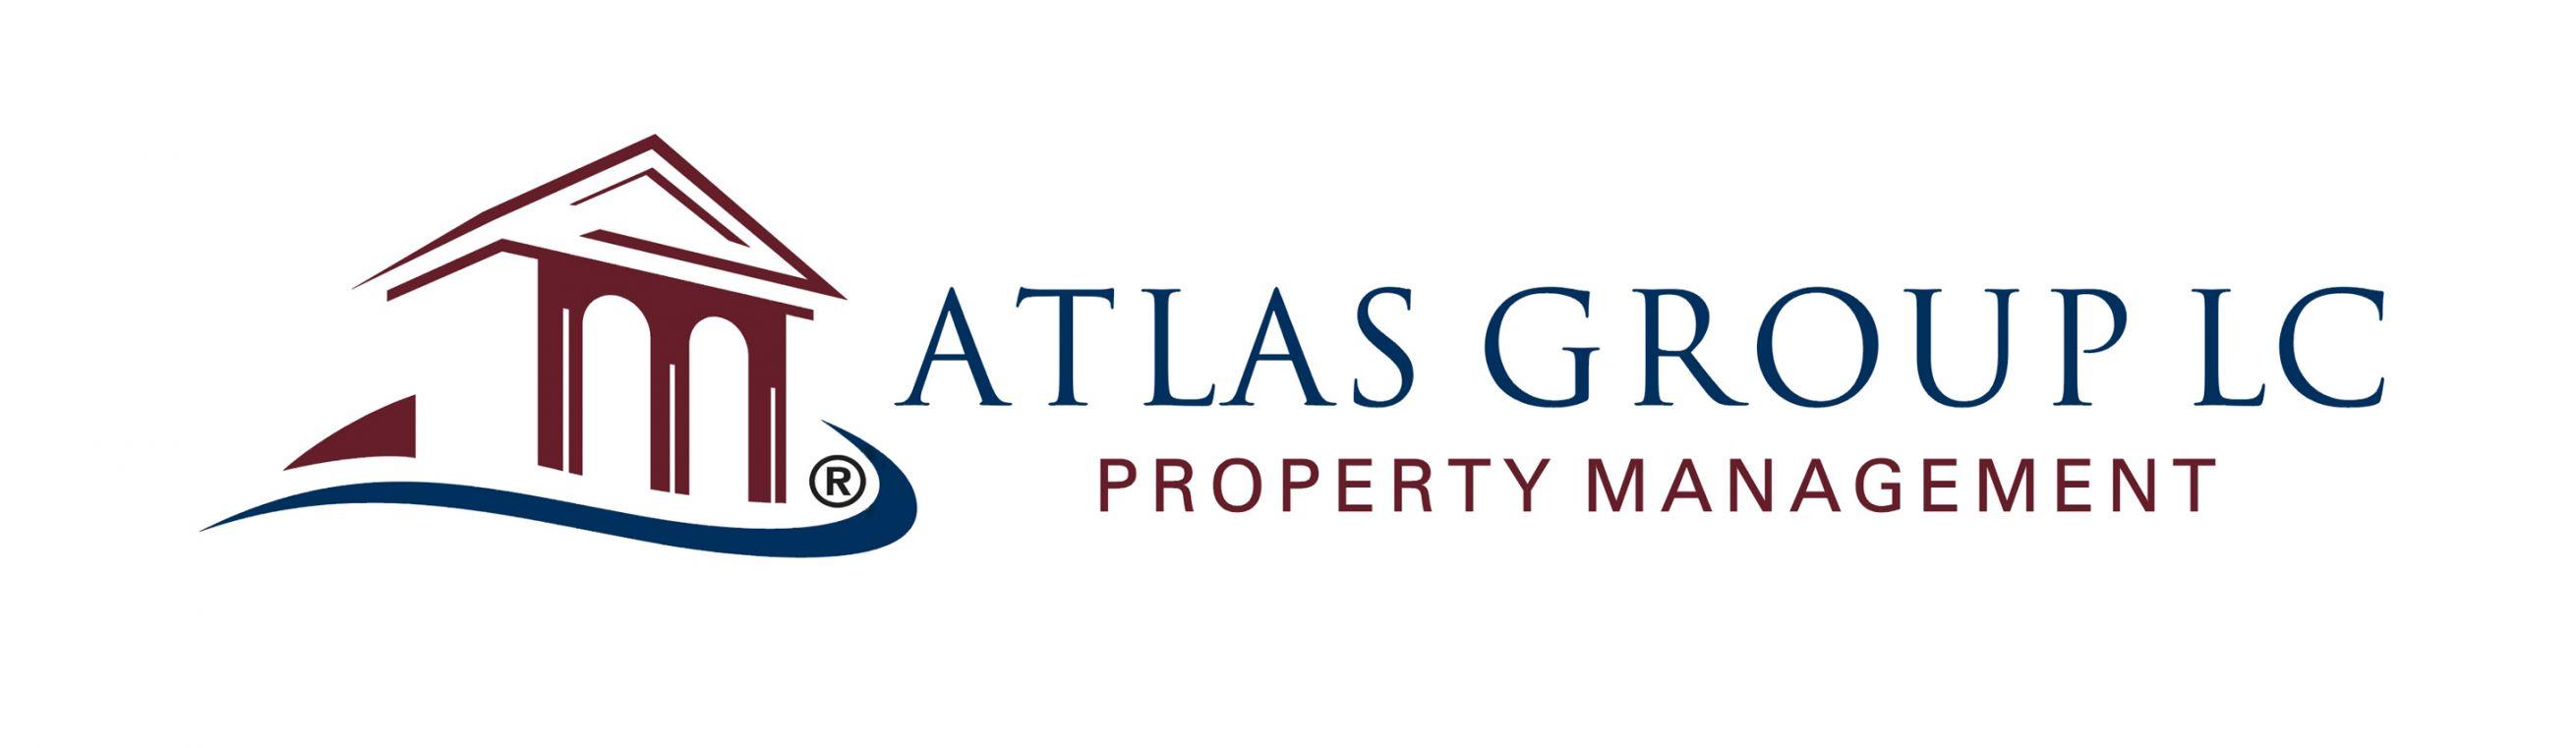 Atlas Group LC - Las Vegas Property Management Logo